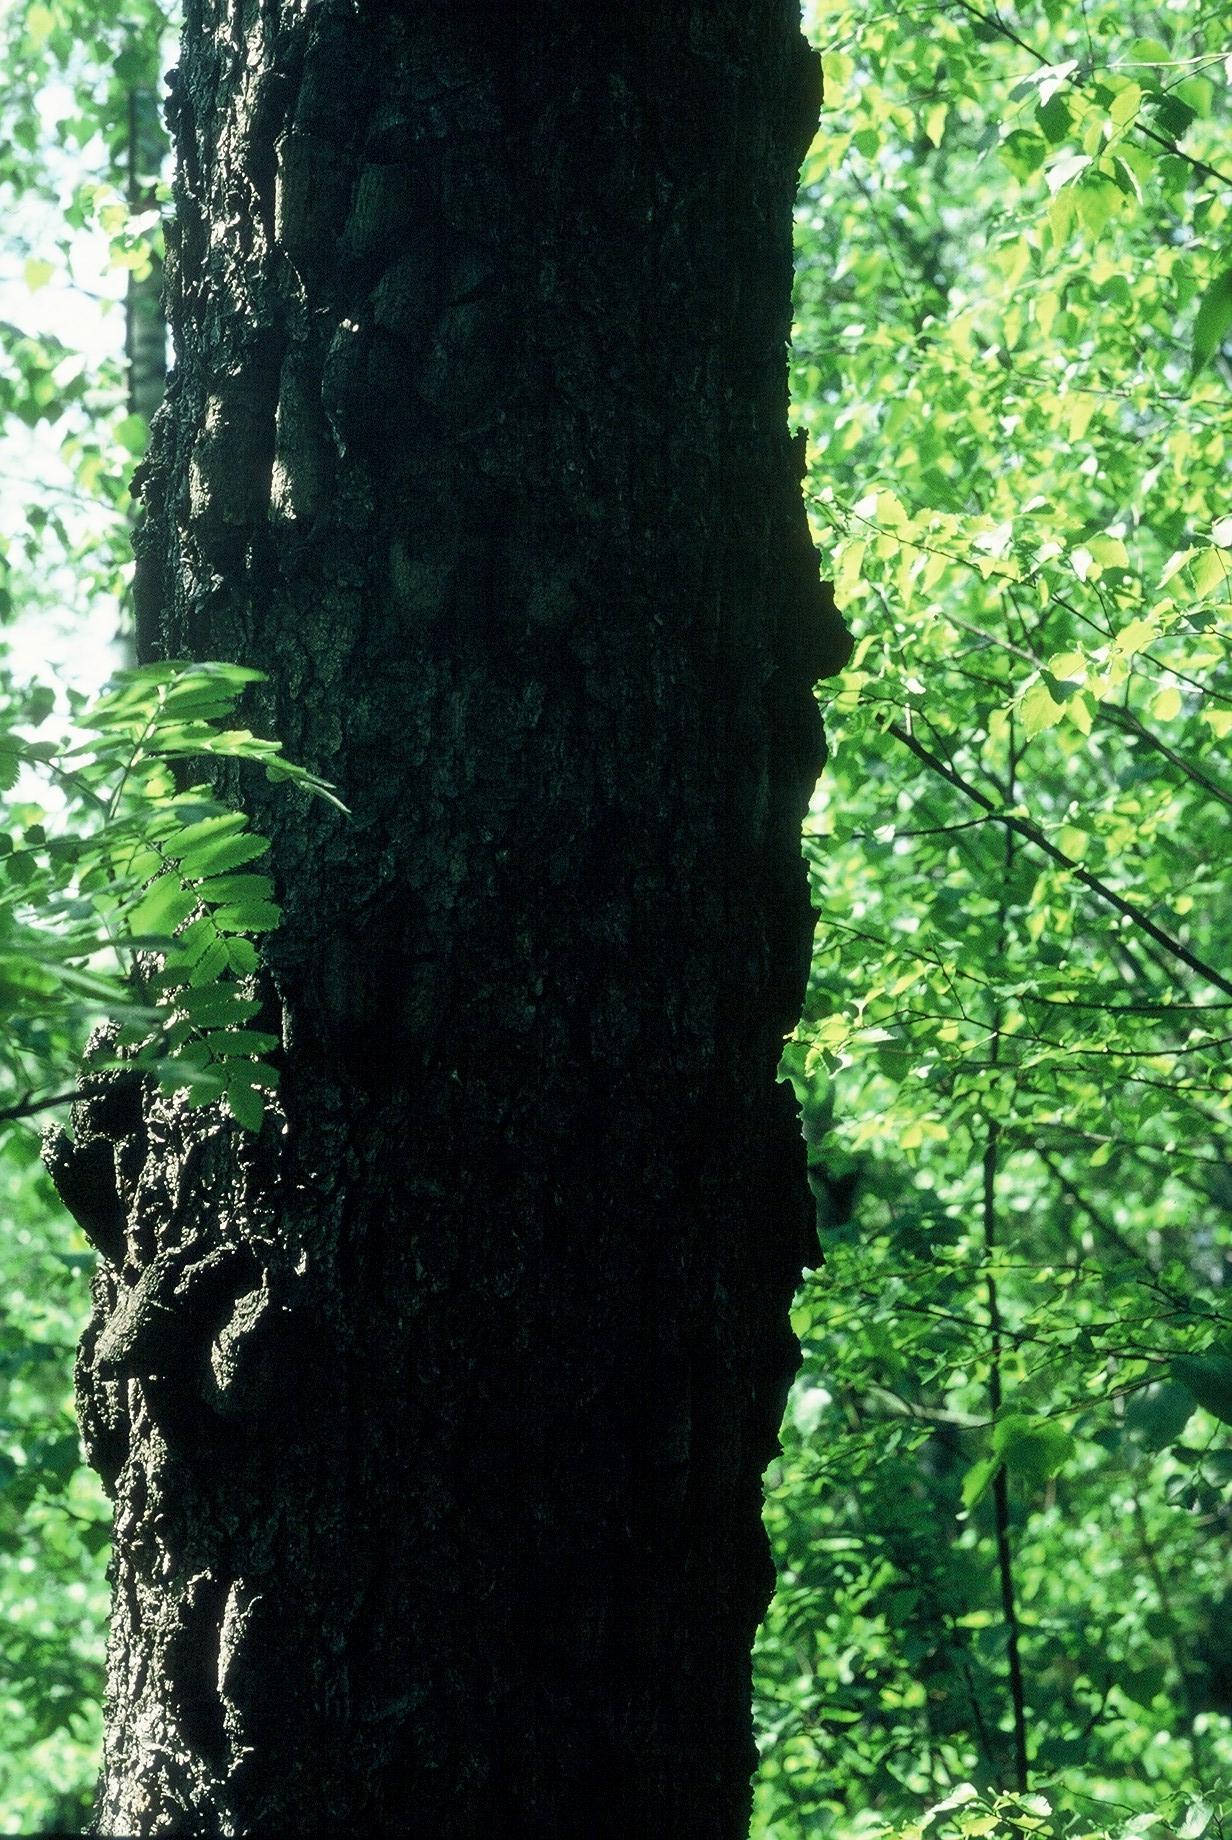 Luonnonmuistomerkki, syyläkuusi, Lohjankylä, kuva Lohjan ympäristönsuojelu.